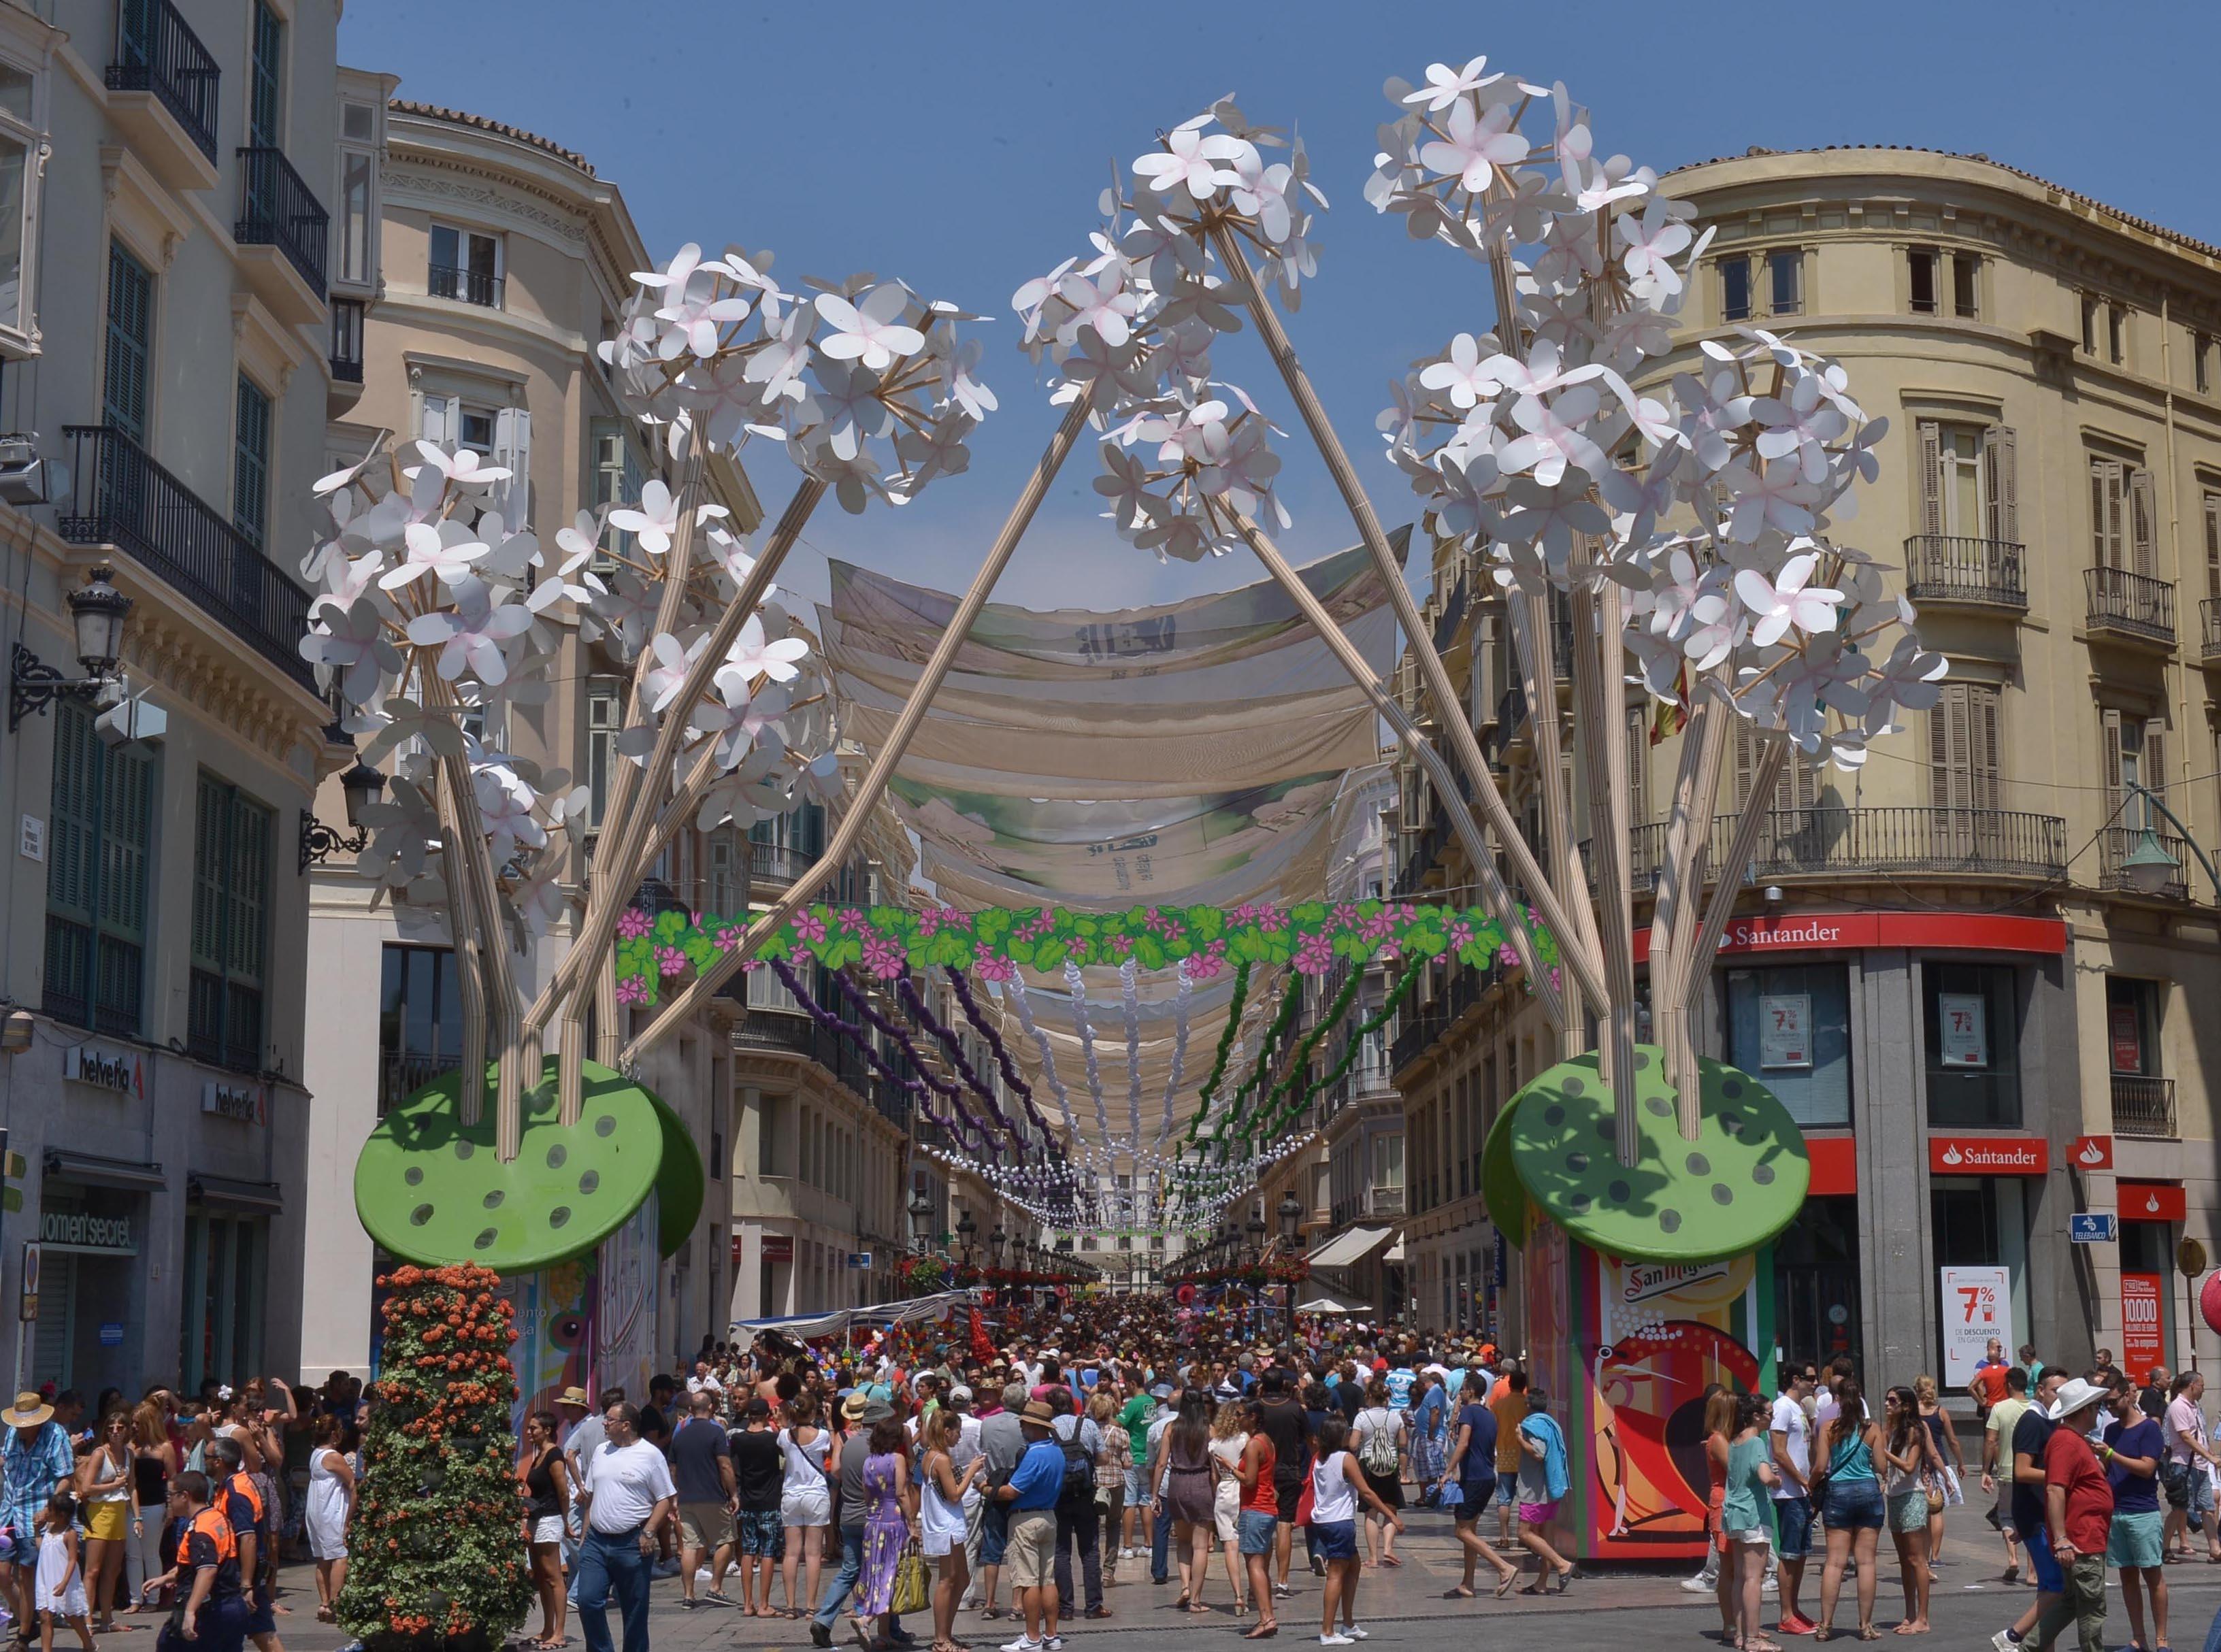 El impacto económico del turismo en Málaga durante la Feria 2013 supera los 35,7 millones de euros